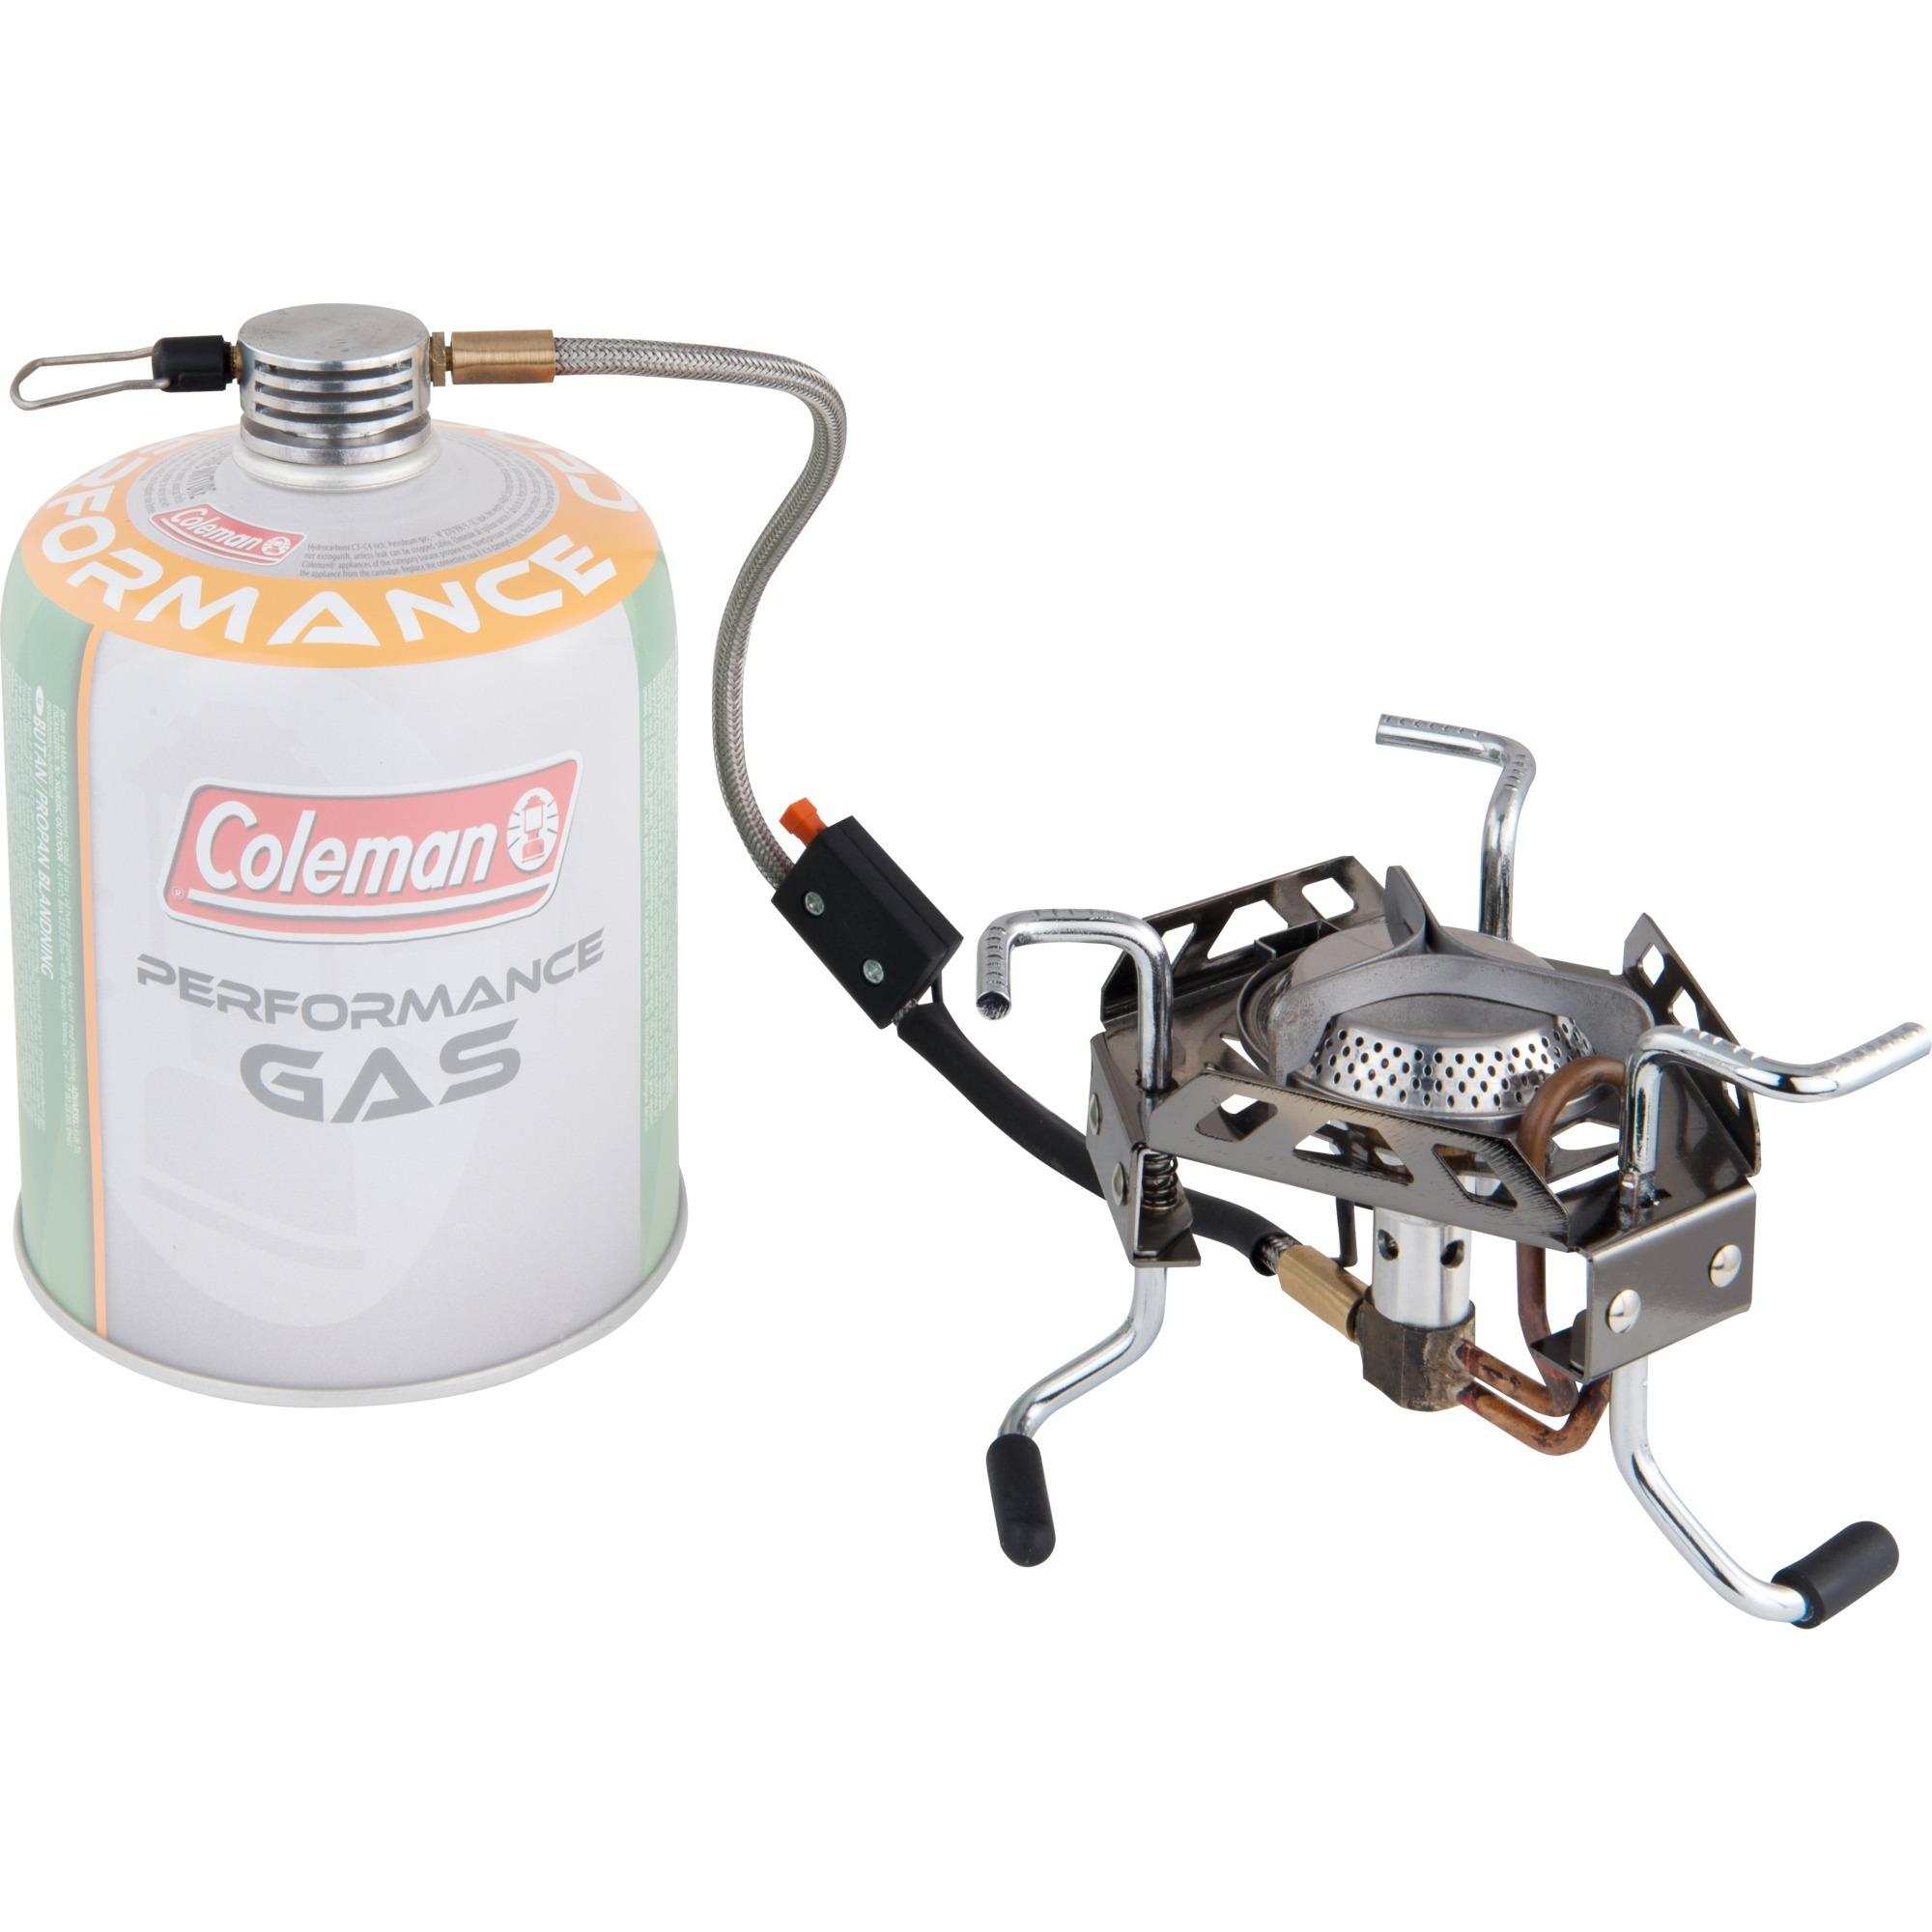 FyrePower Hornillo de combustible líquido, Cocina de gas